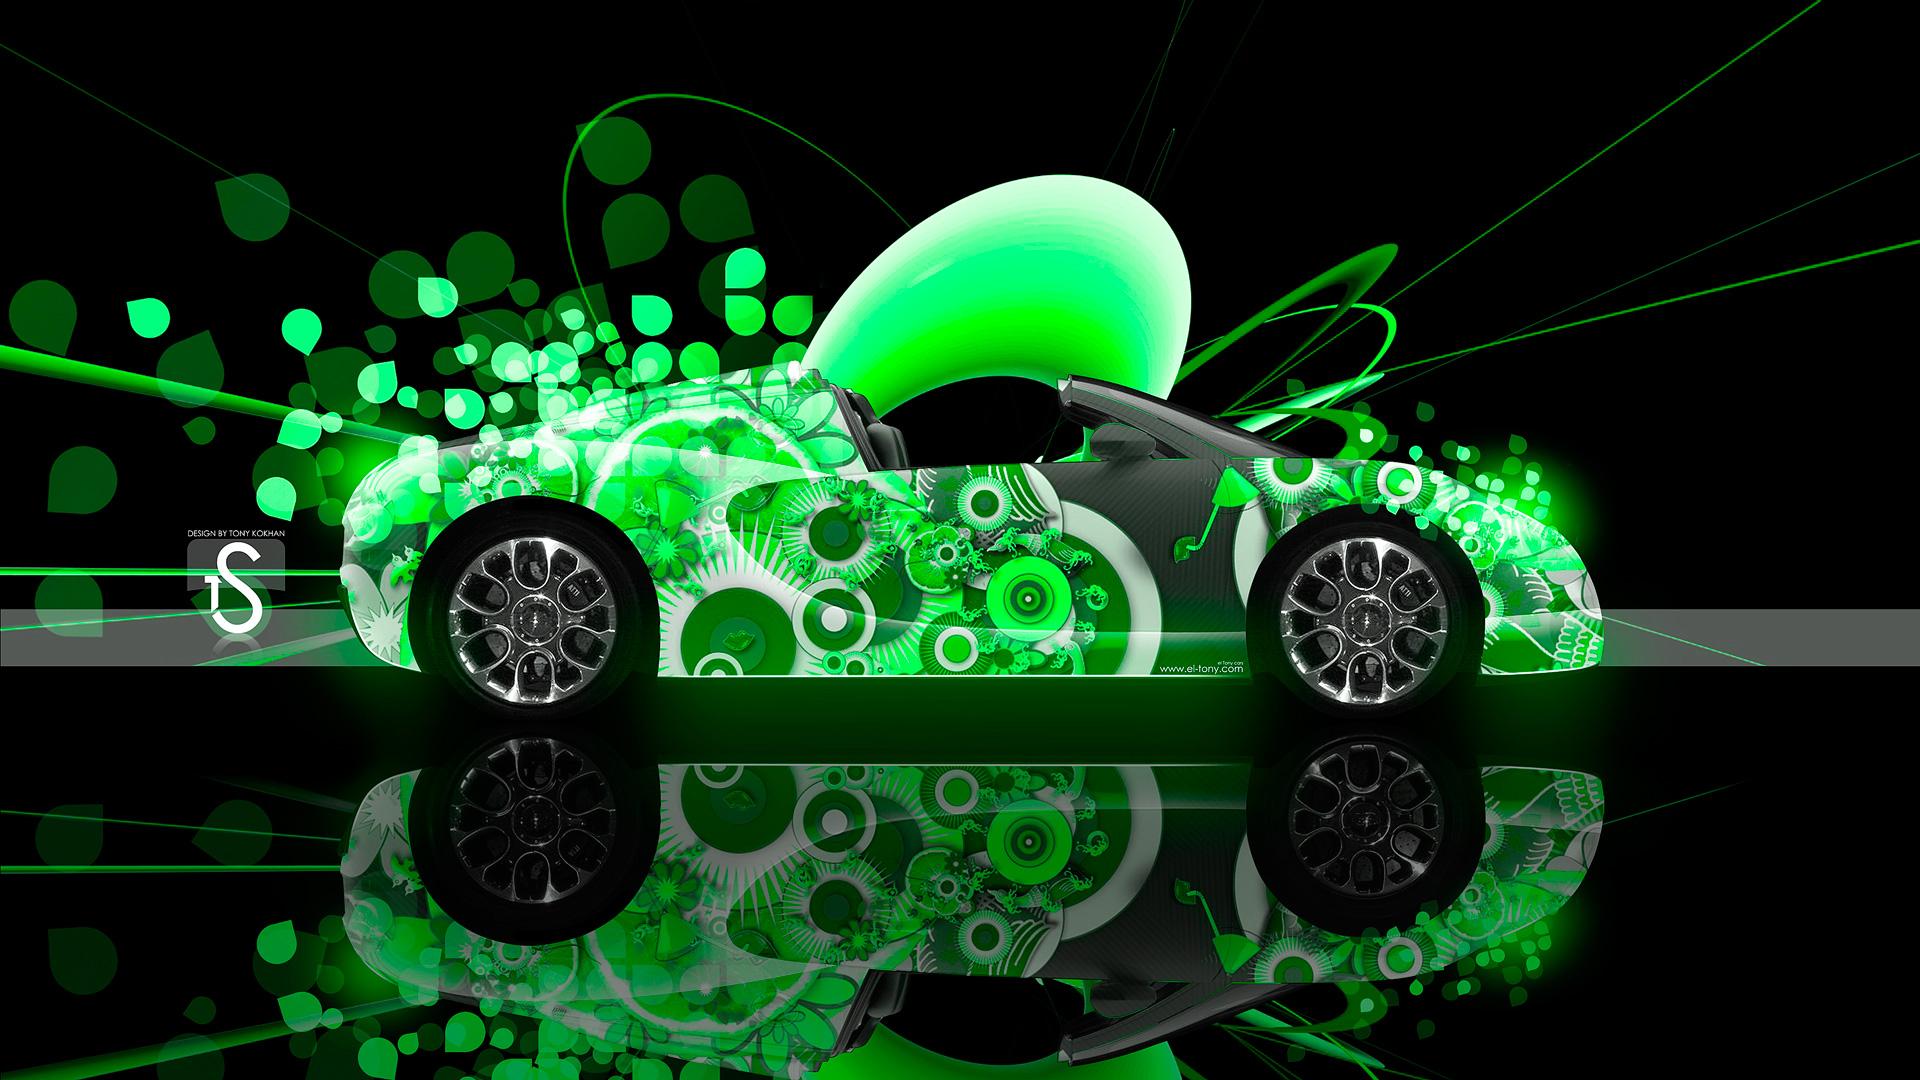 Bugatti Veyron Super Water Car 2013 Bugatti Veyron Back Super Water . Images